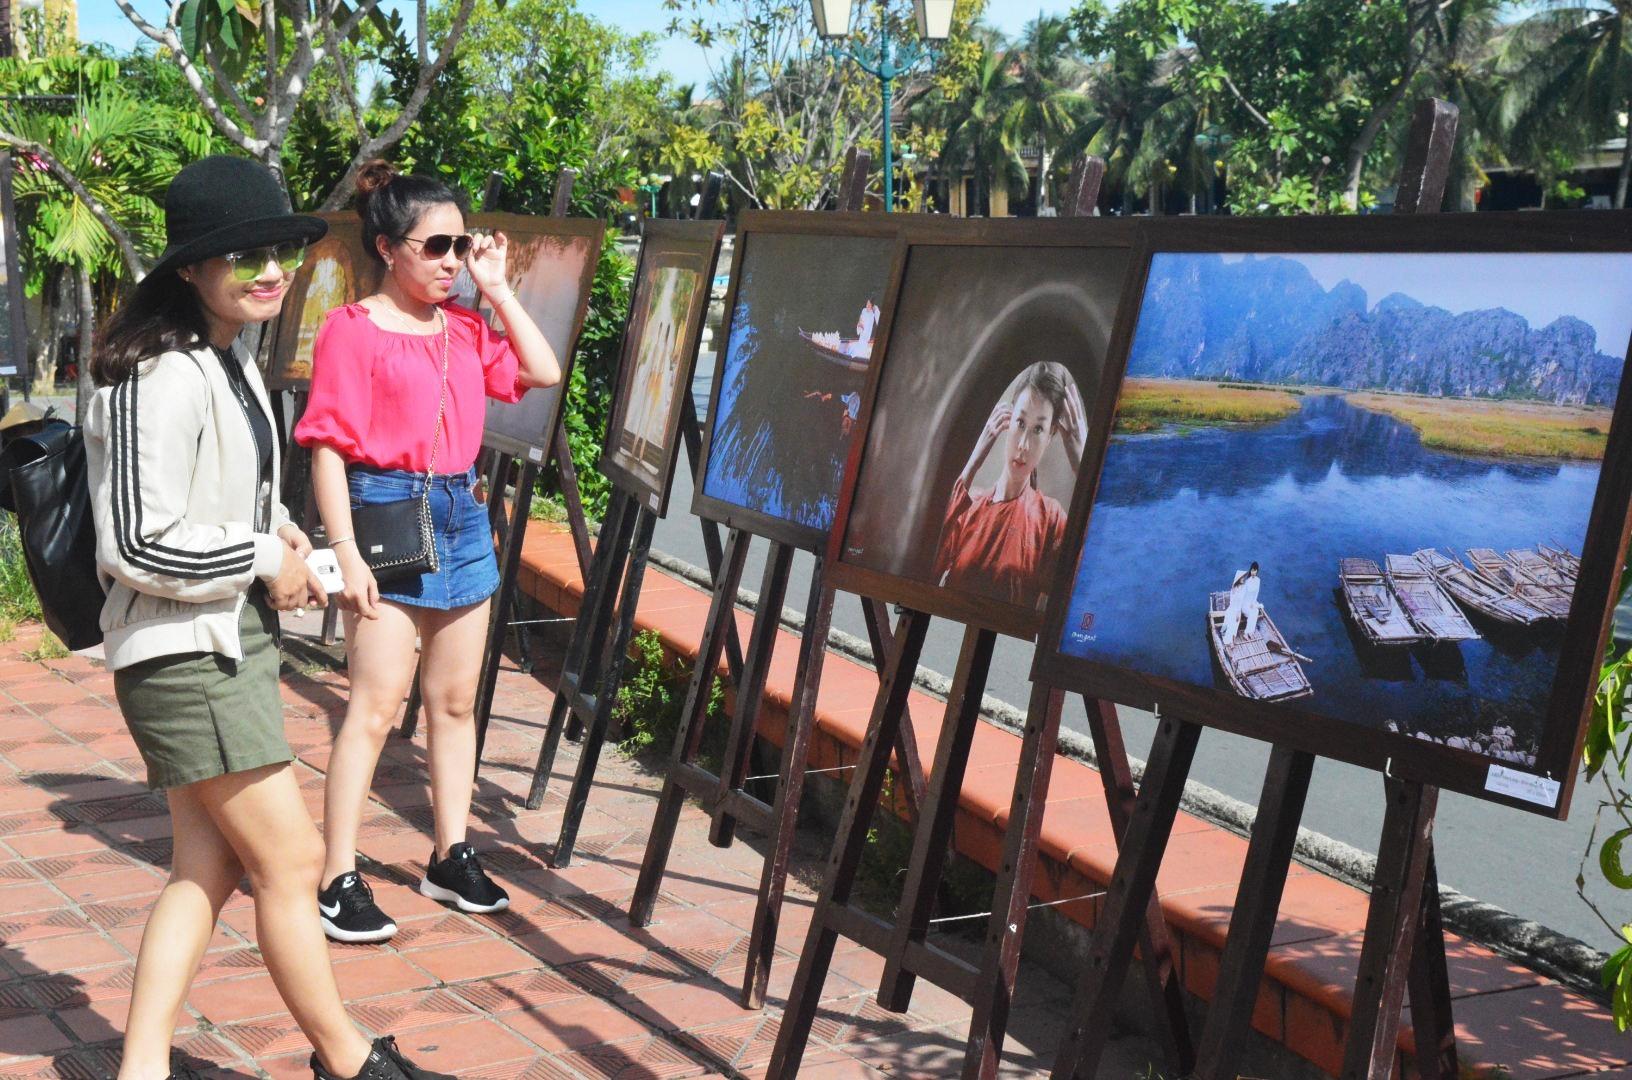 An art exhibition in Hoi An